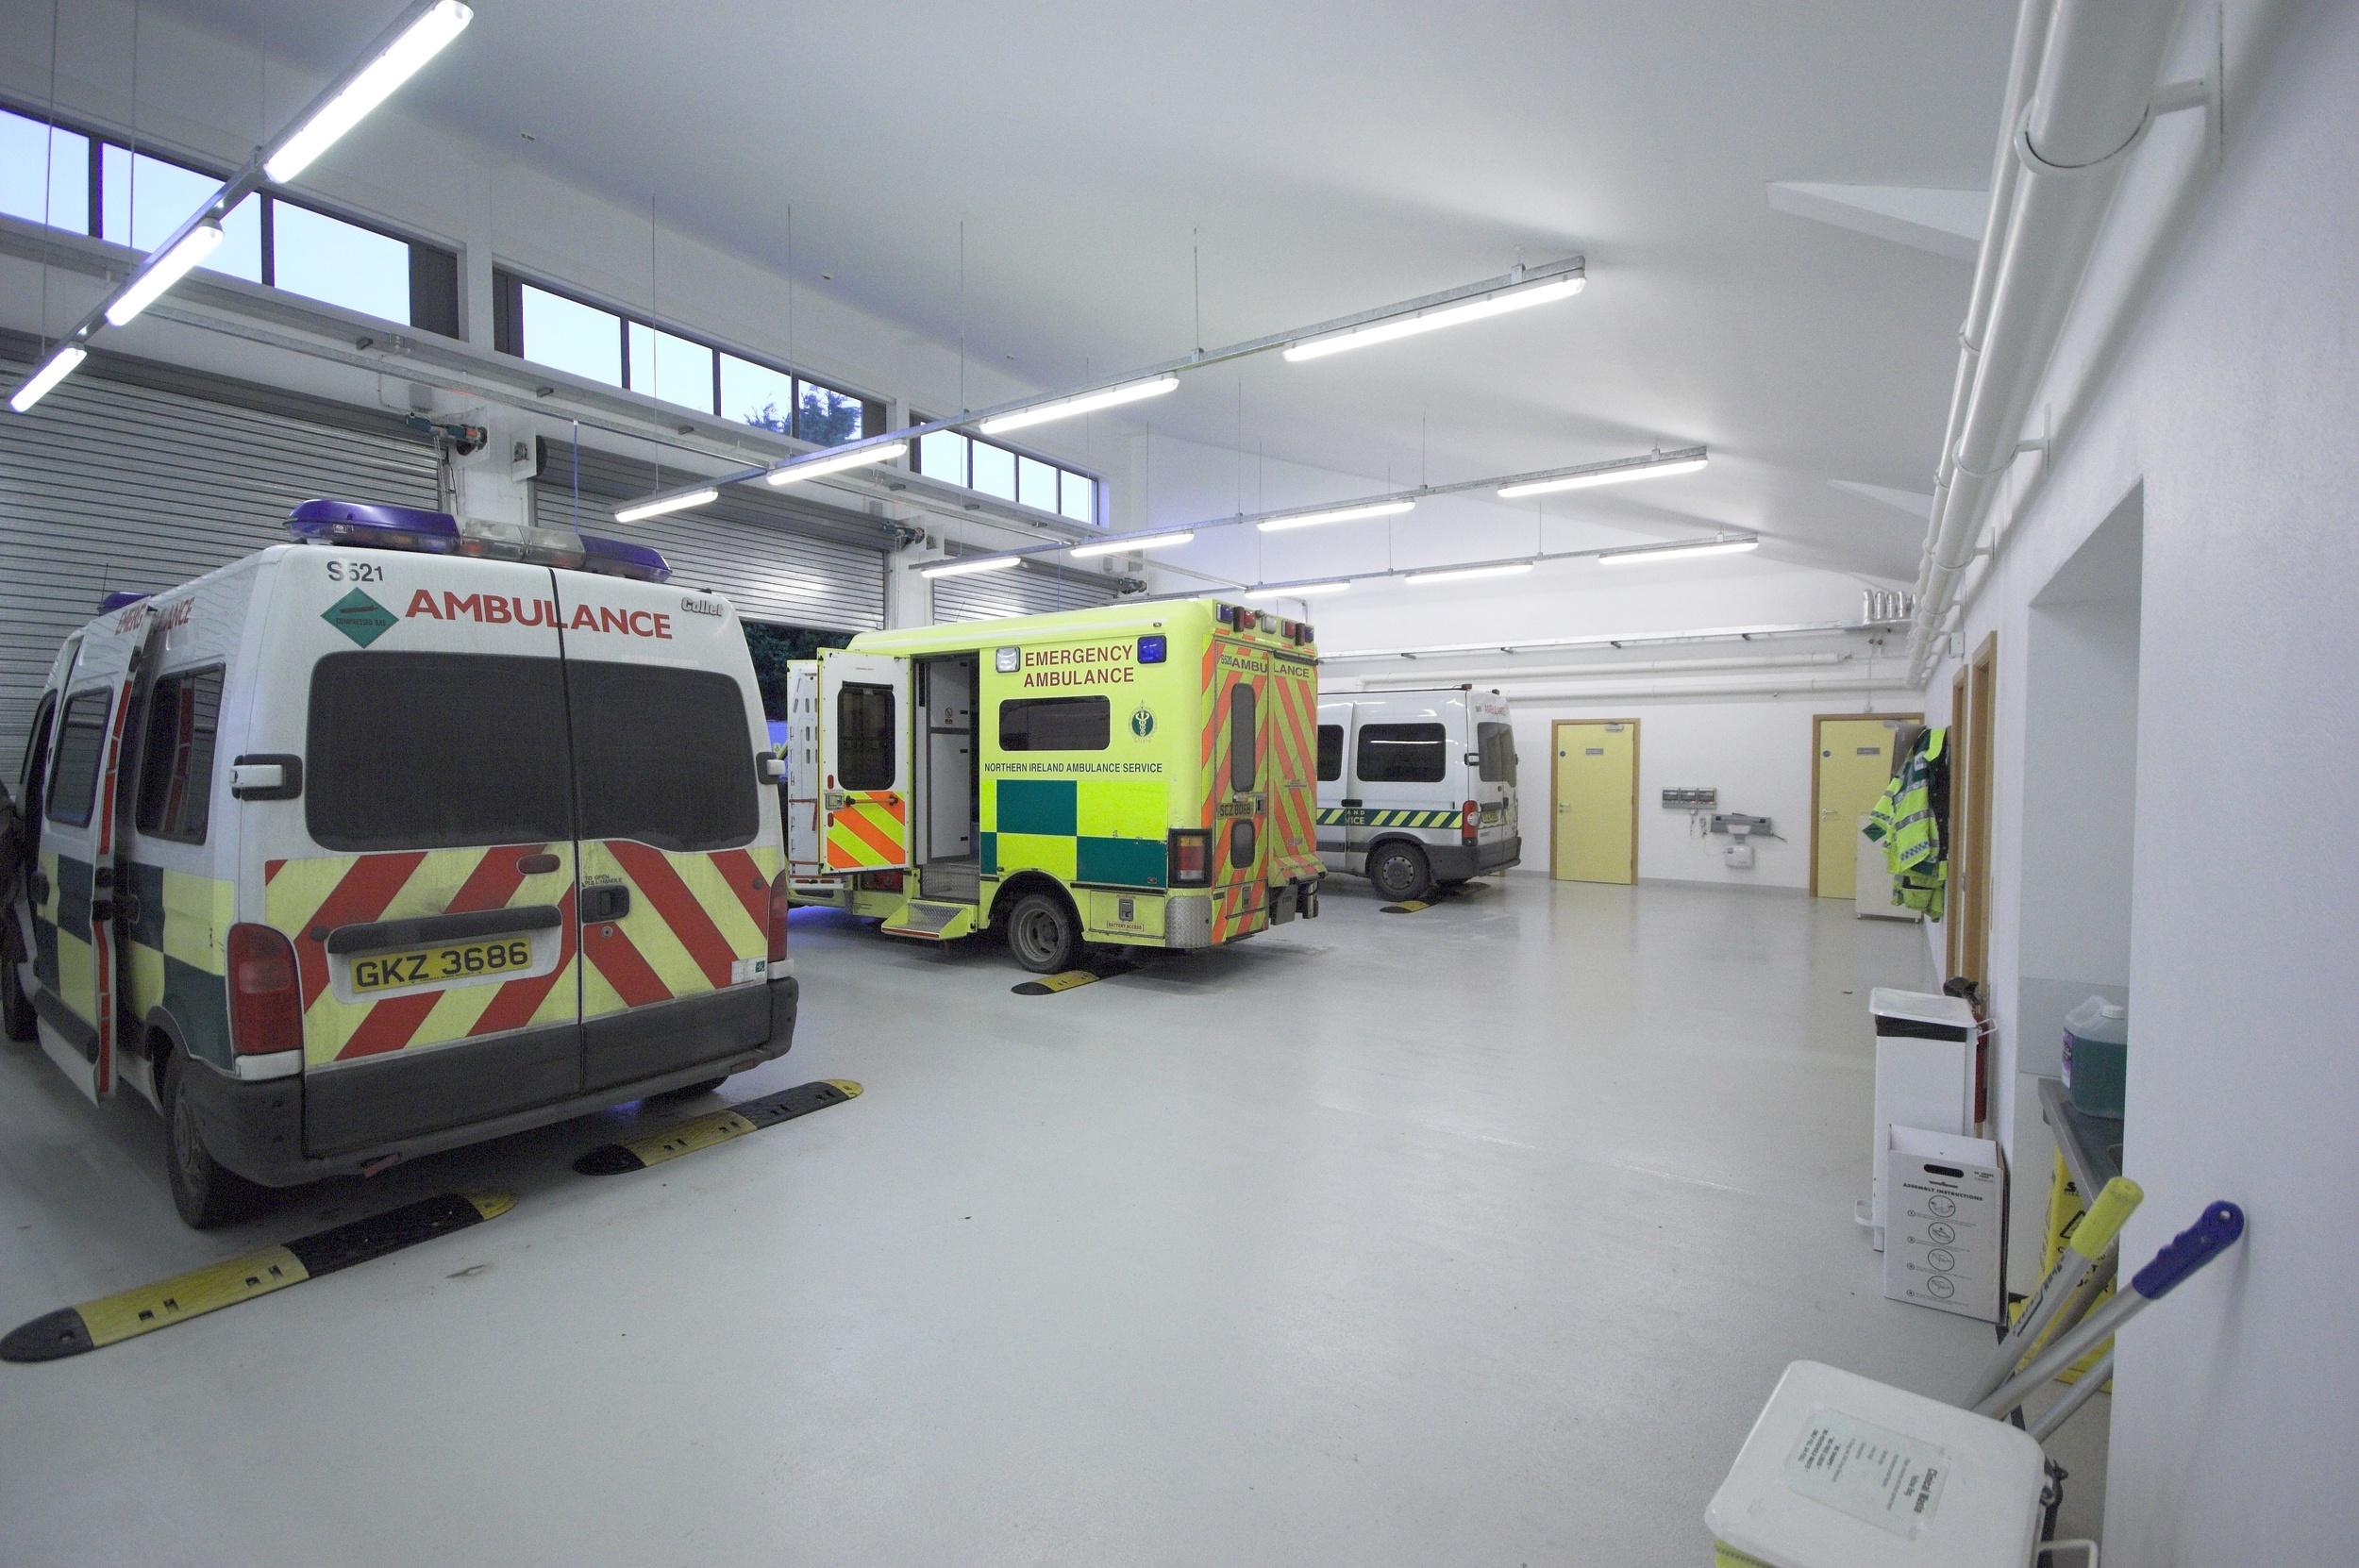 Kilkeel Ambulance Station